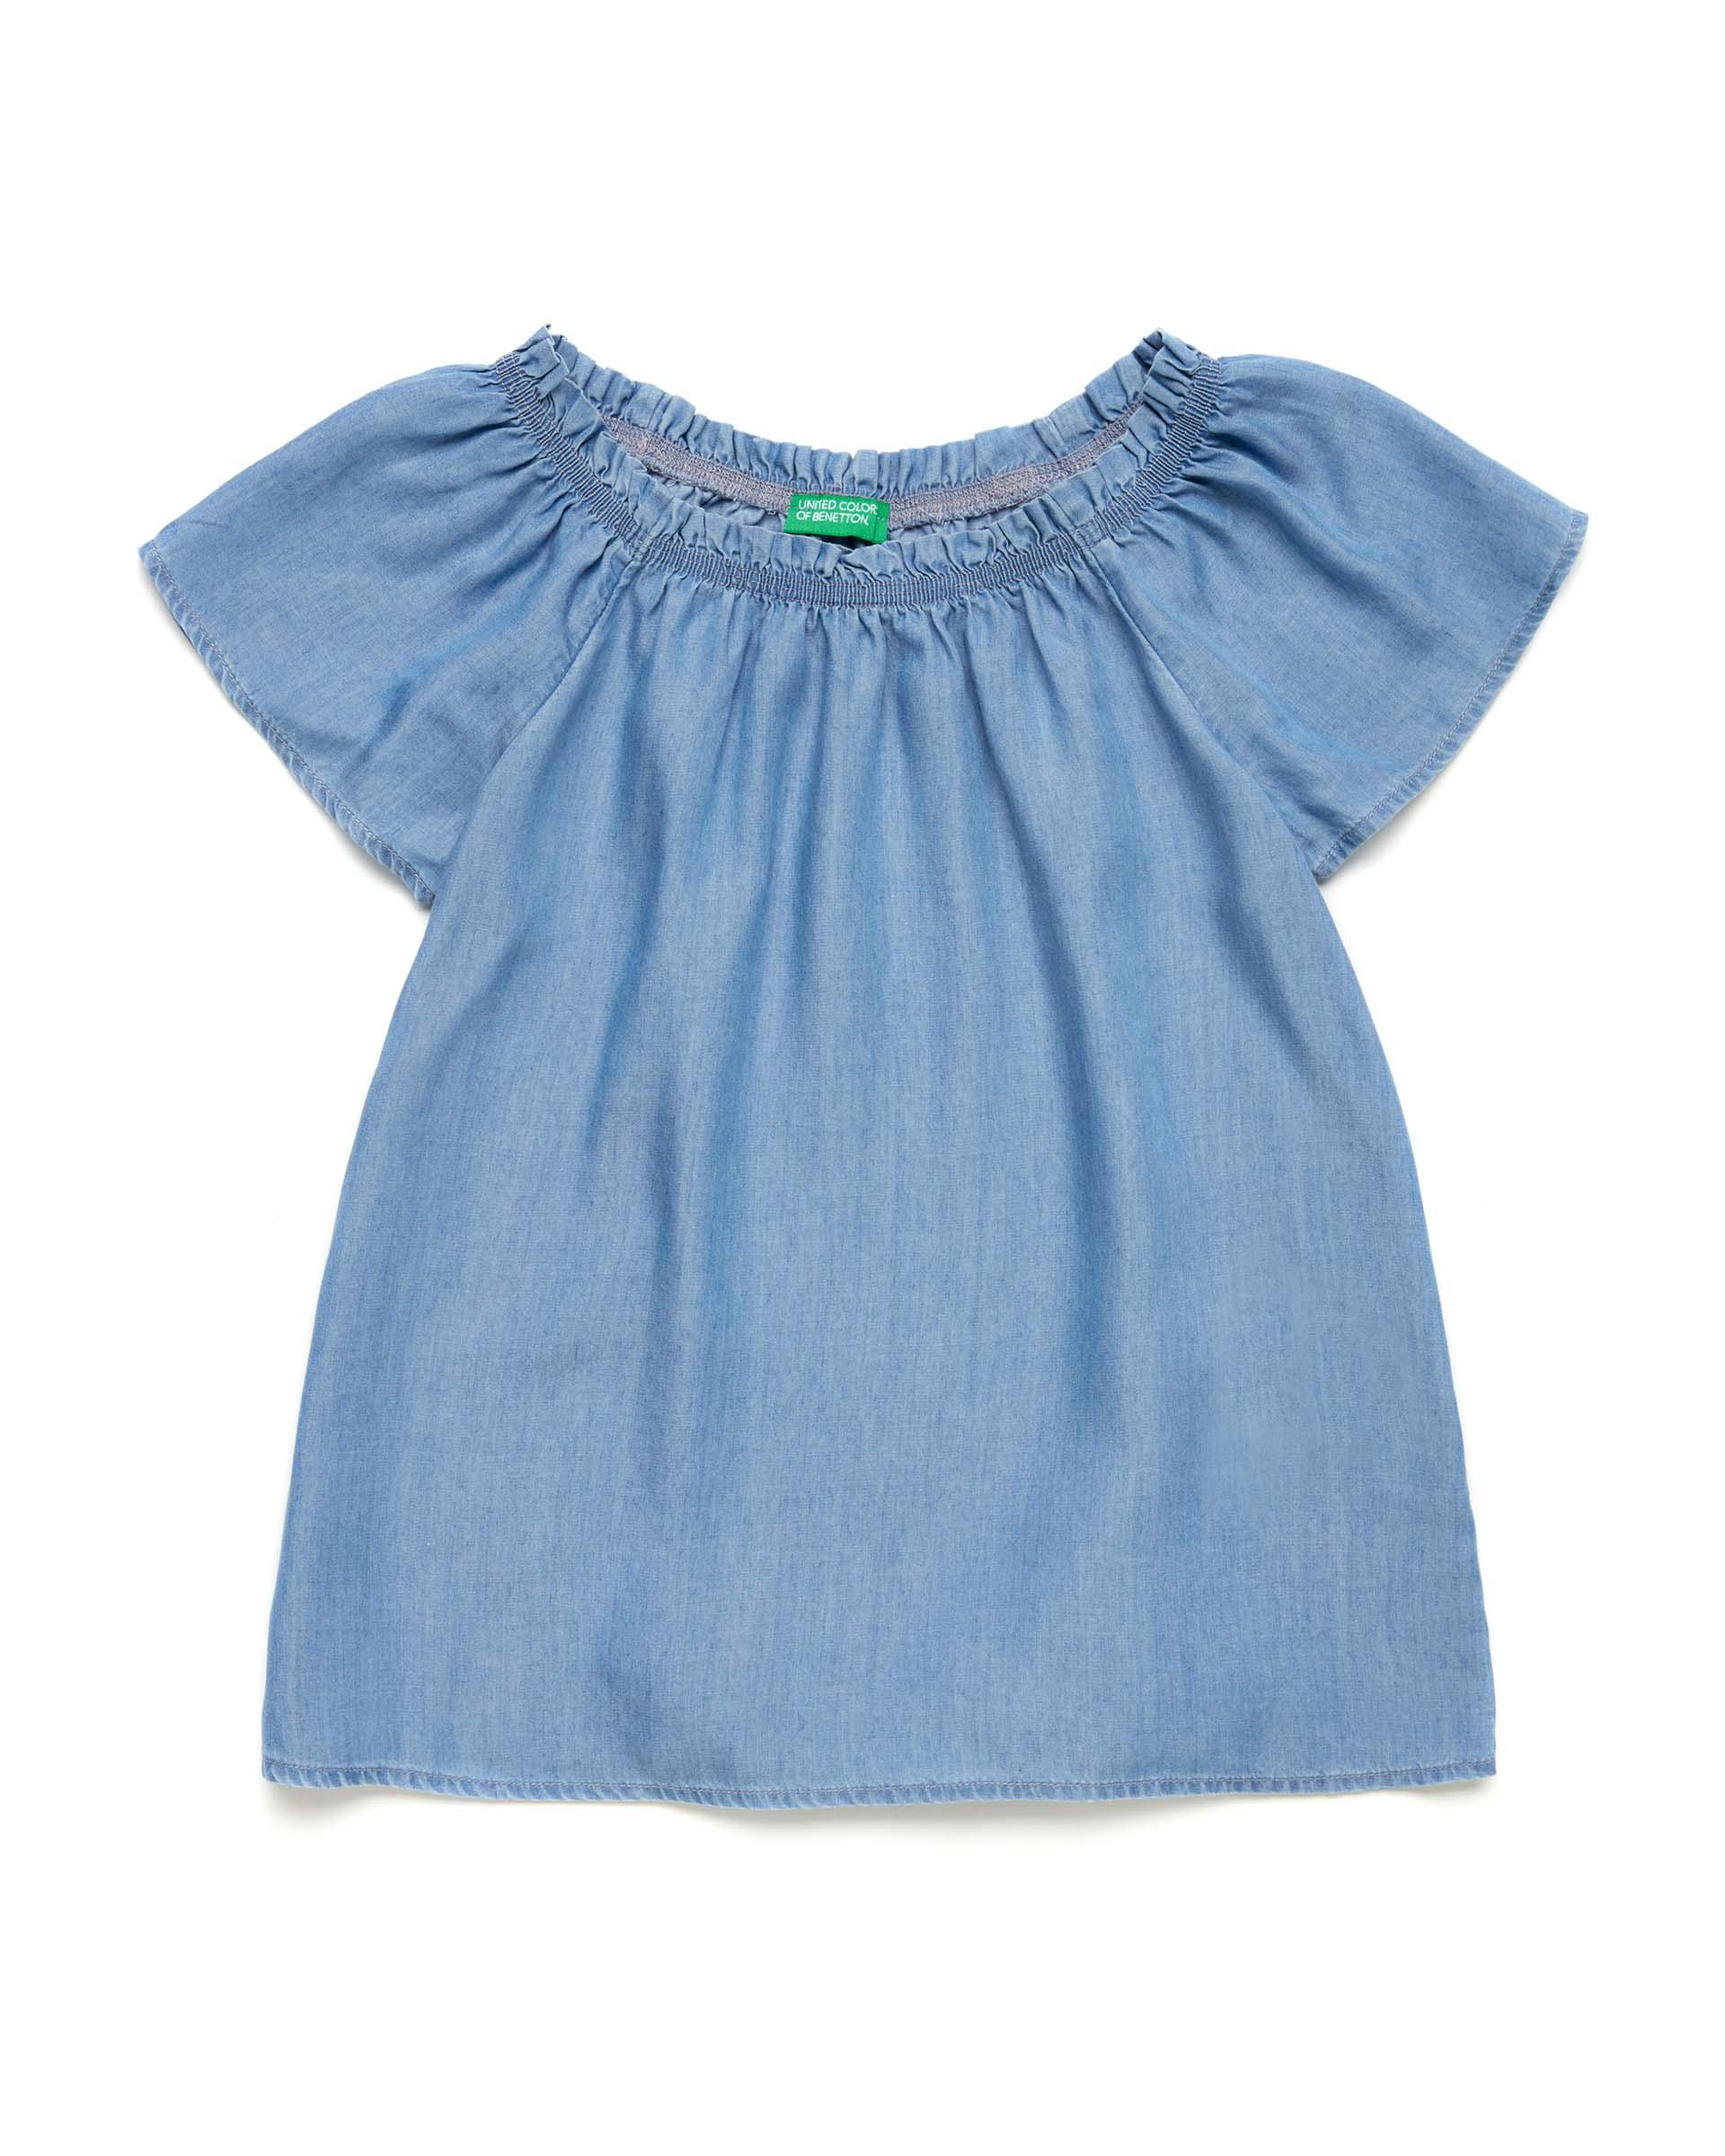 Купить 20P_5DRQ5QH50_901, Блуза для девочек Benetton 5DRQ5QH50_901 р-р 152, United Colors of Benetton, Блузки для девочек